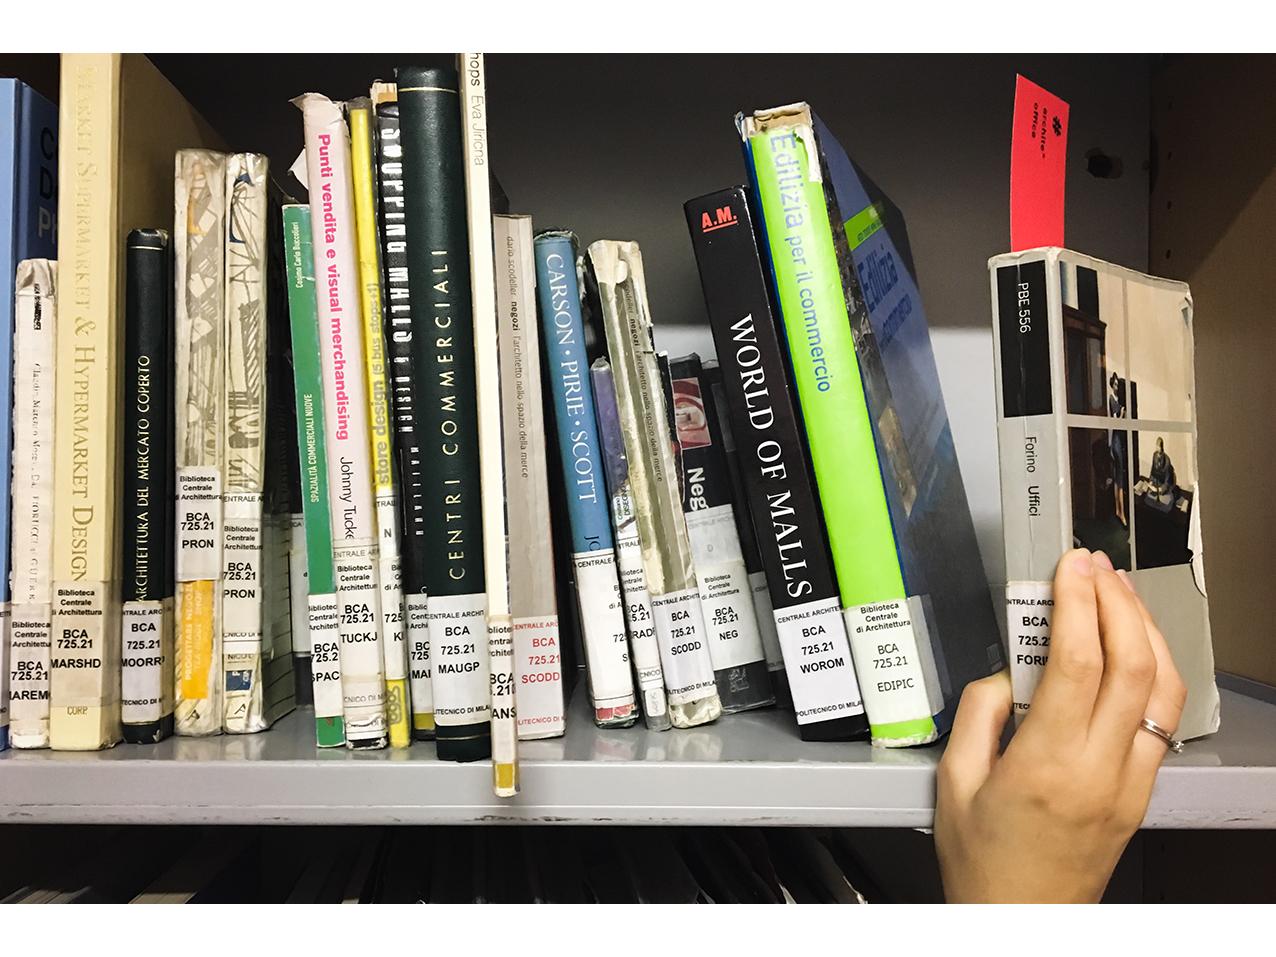 u67_biblioteca-analoga_011d